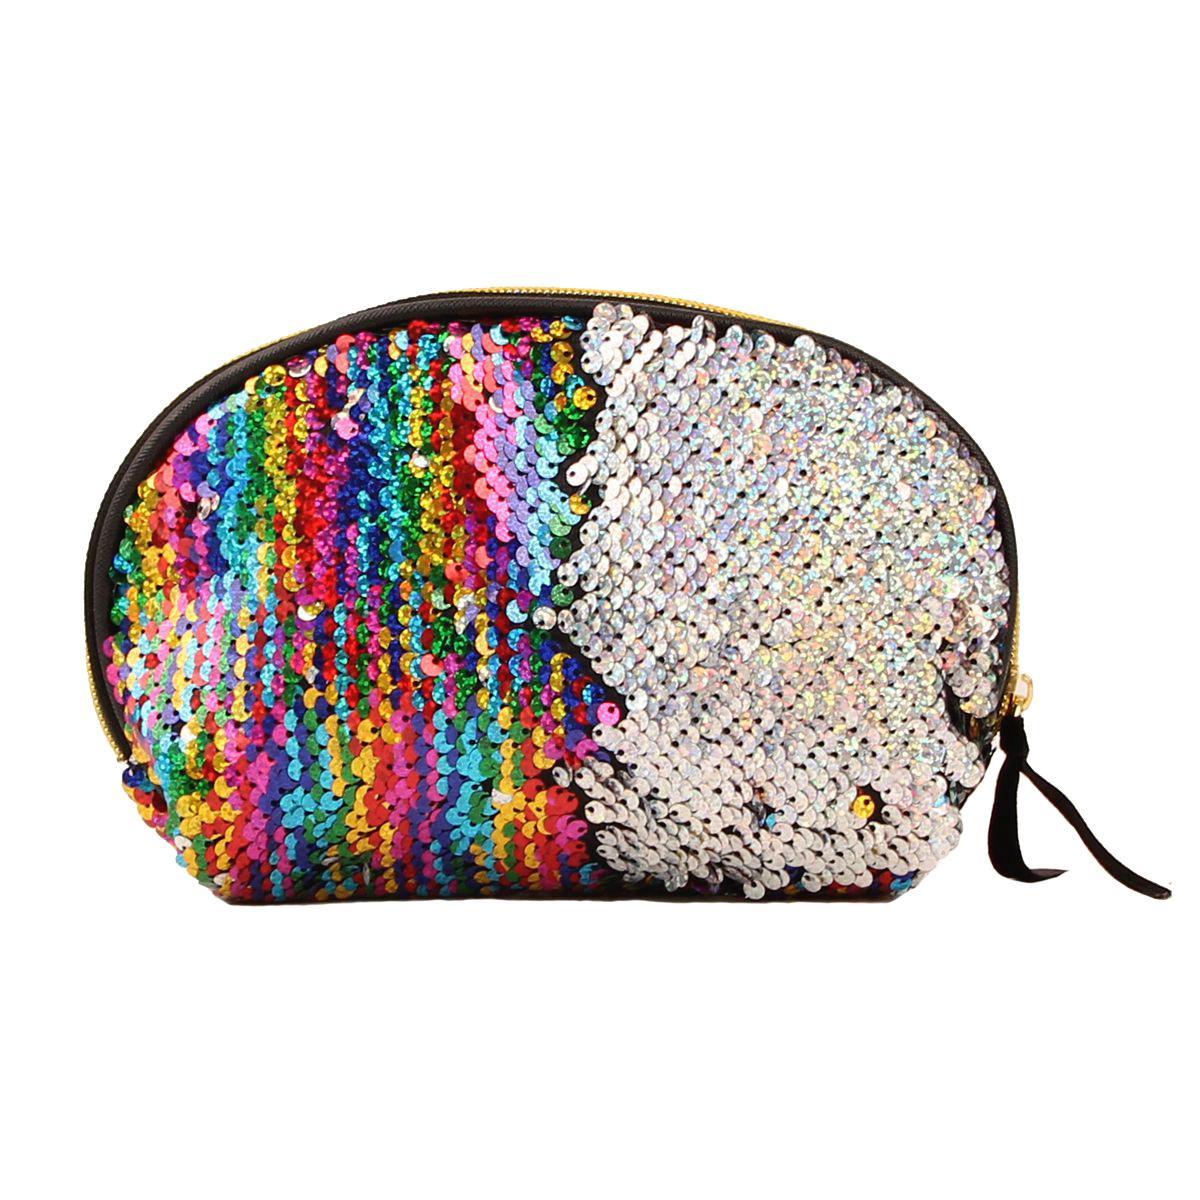 7 ألوان جديدة وصول المرأة كوميستيك حقيبة عملة الحقيبة تخزين سستة الترتر محفظة حقيبة مقلمة حقيبة ماكياج التجميل حقيبة شحن مجاني